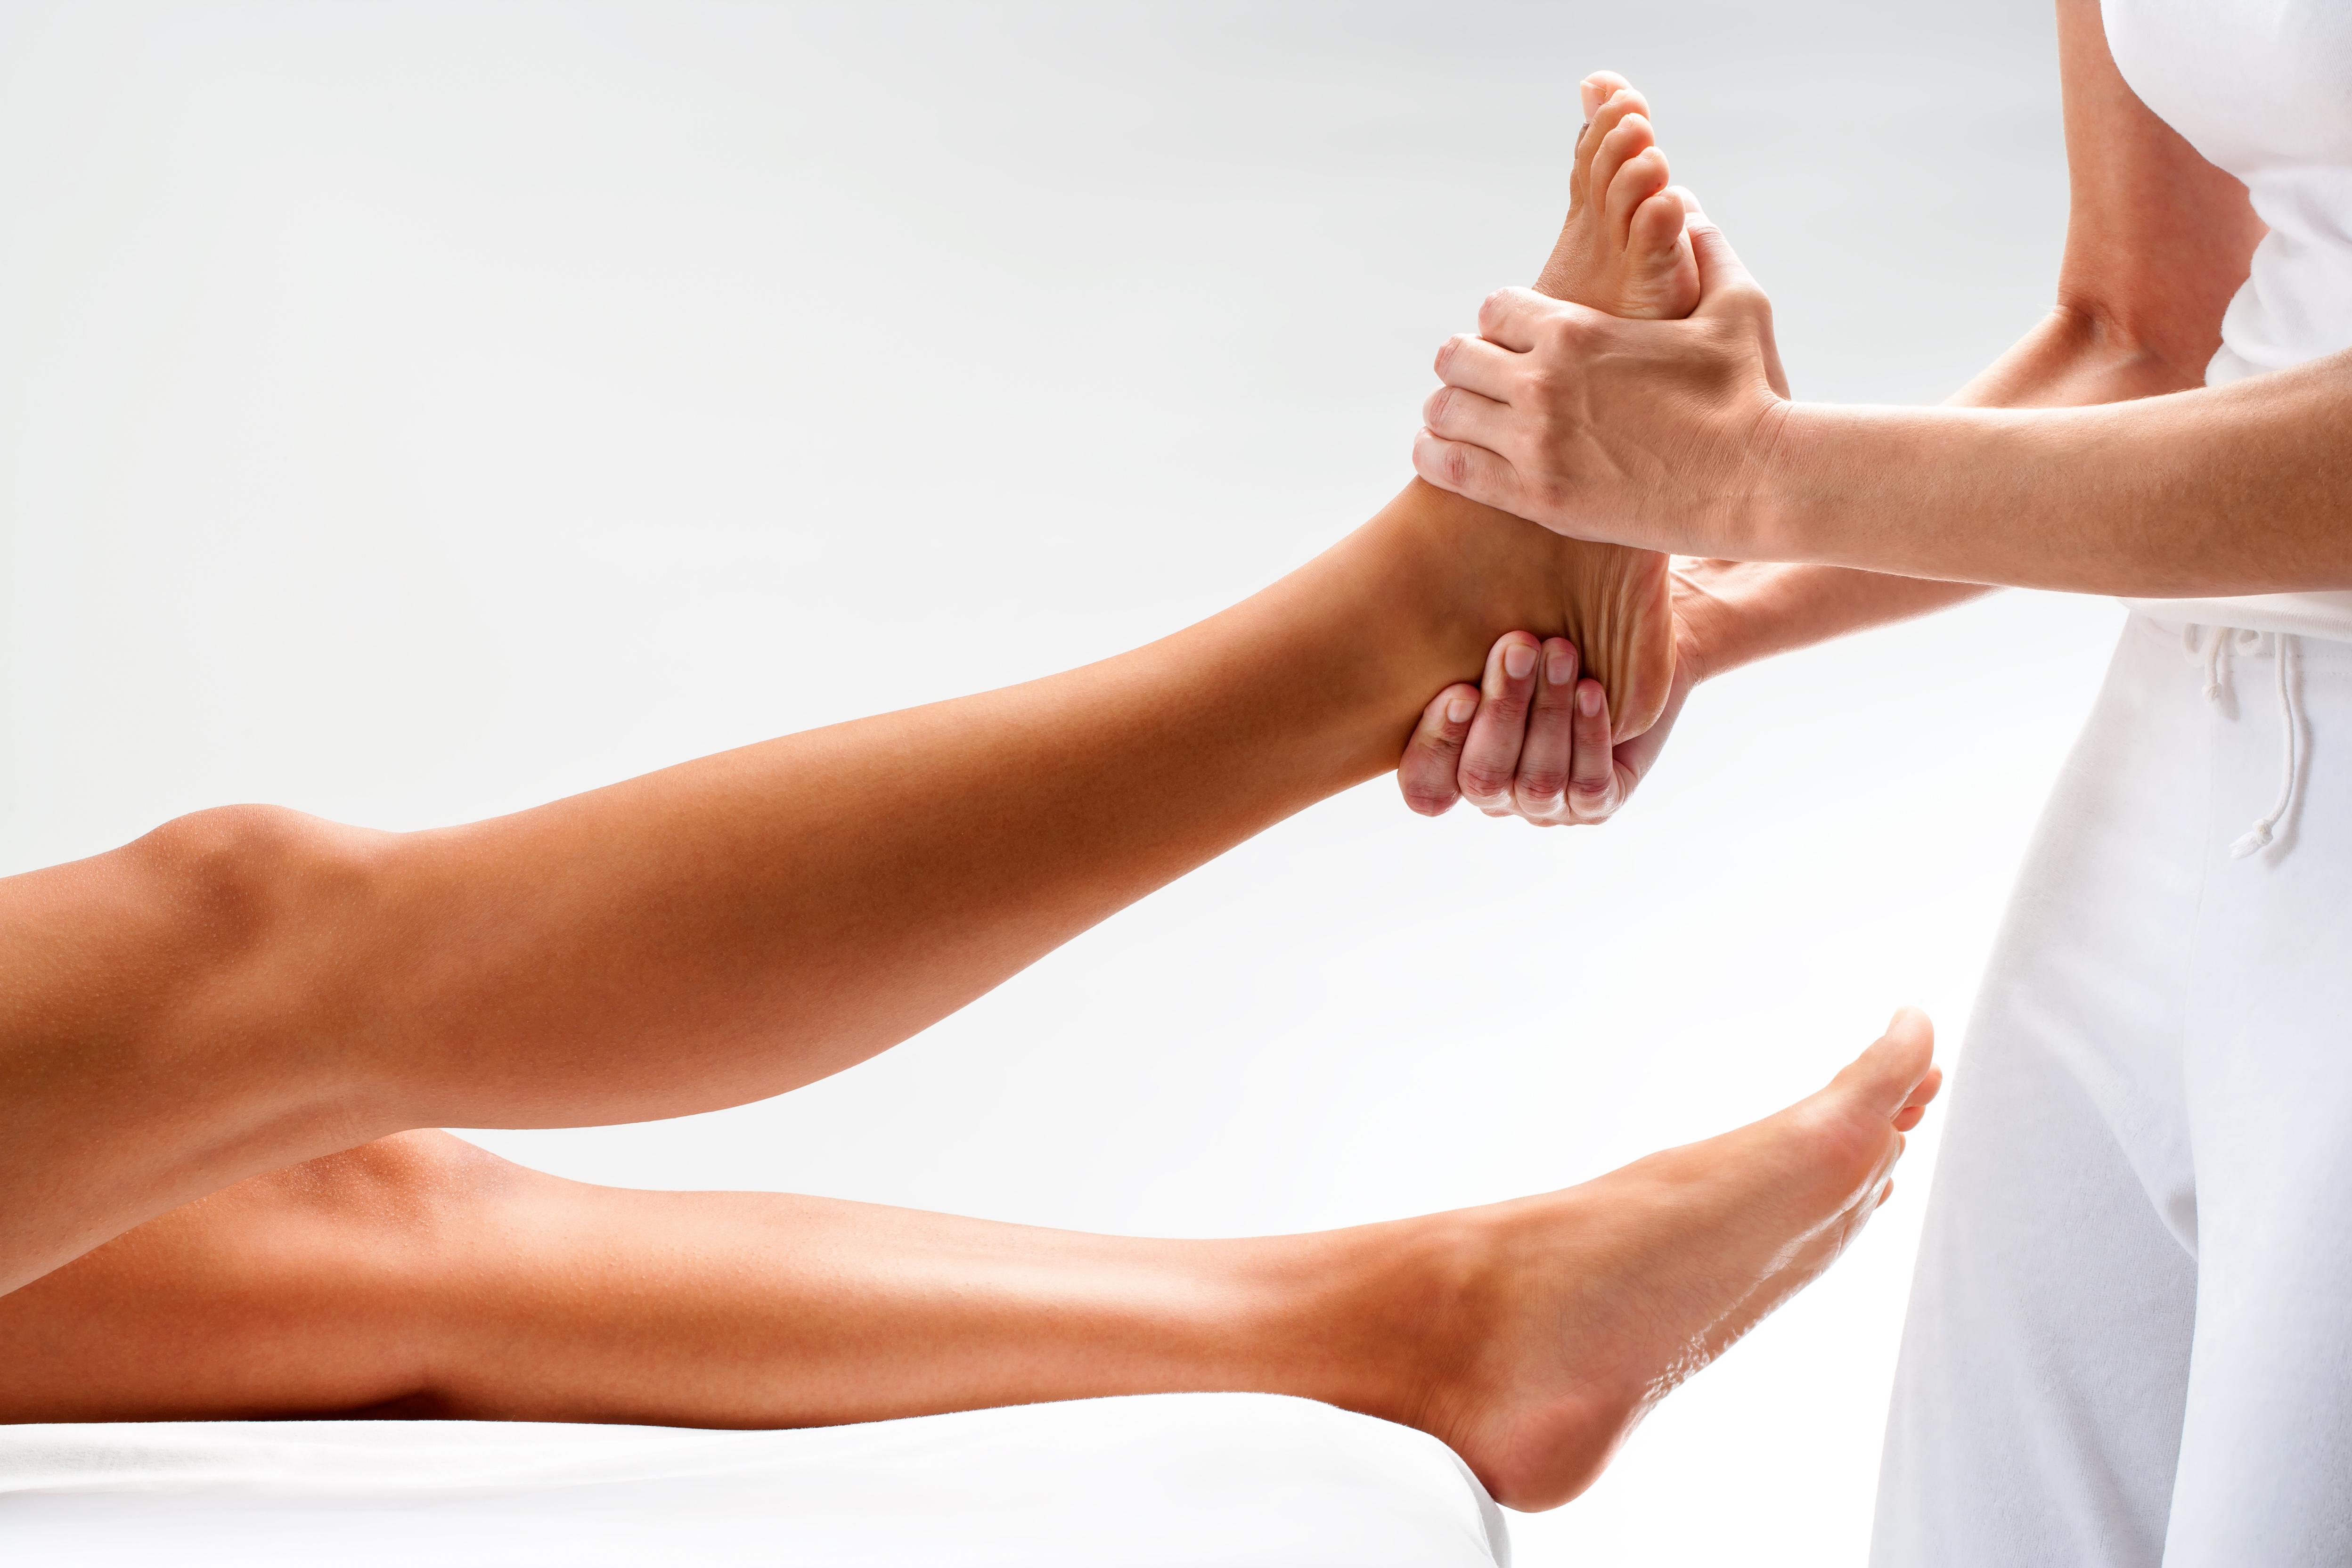 drenaje linfatico y masaje osteopatia